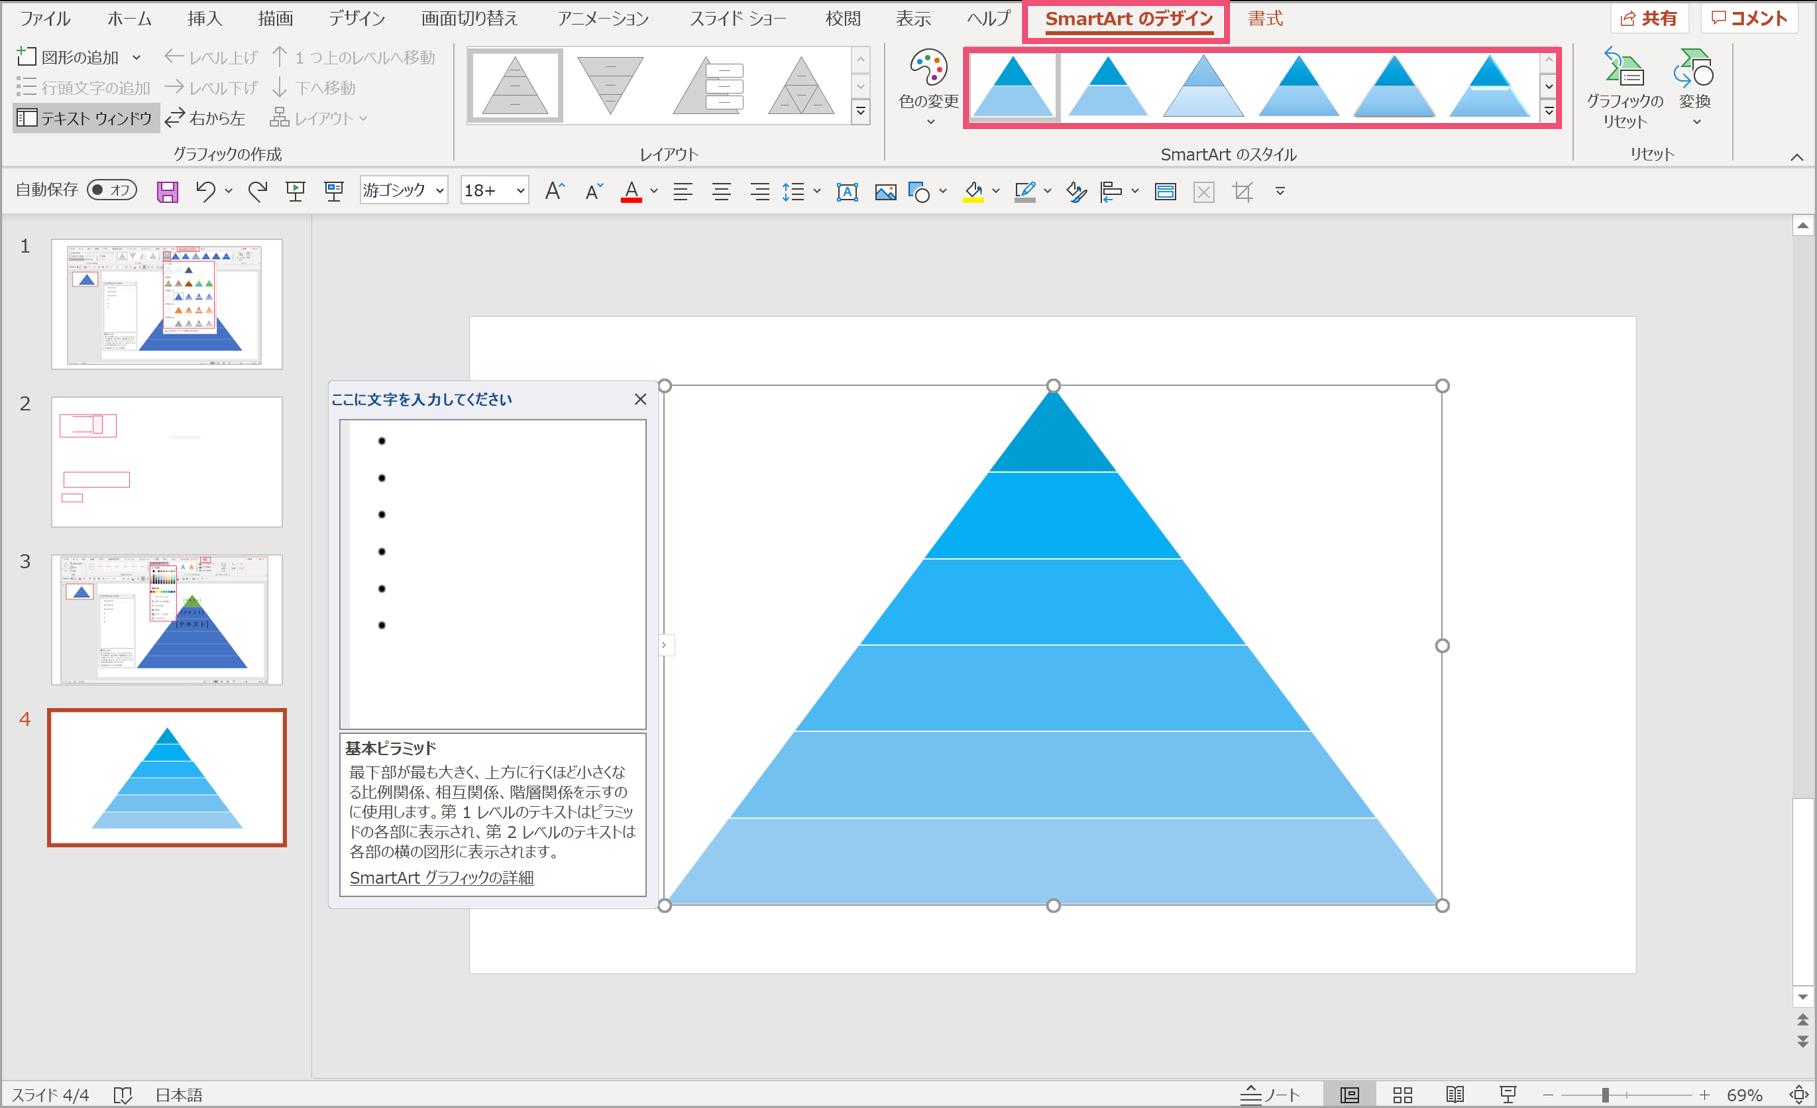 SmartArtのデザインからピラミッドのグラフィックを変更する